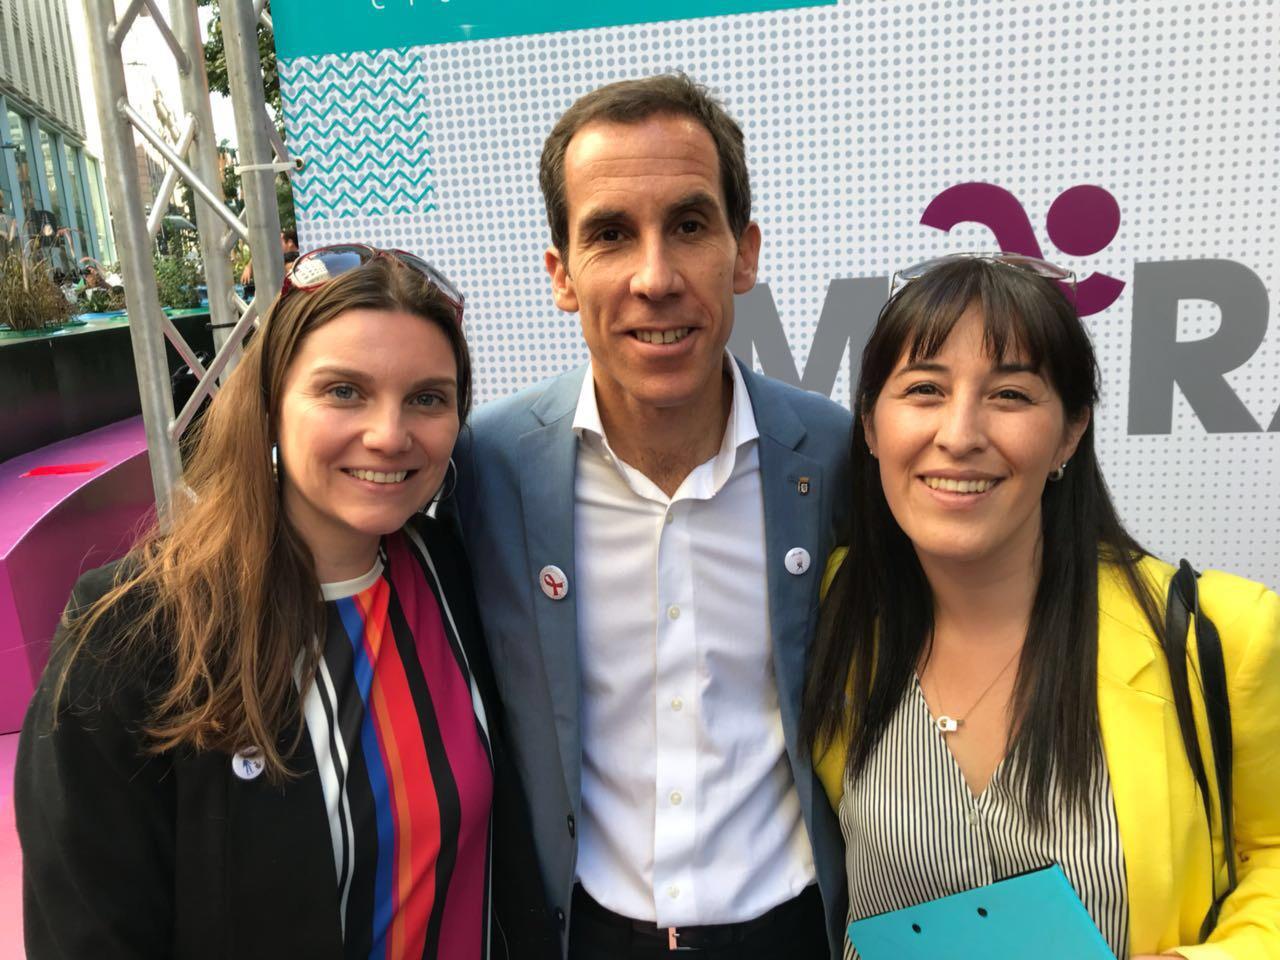 Alcalde de Santiago Felipe Alessandri junto a Marcia Lühr y Kathya Alegría de Bemark Comunicaciones